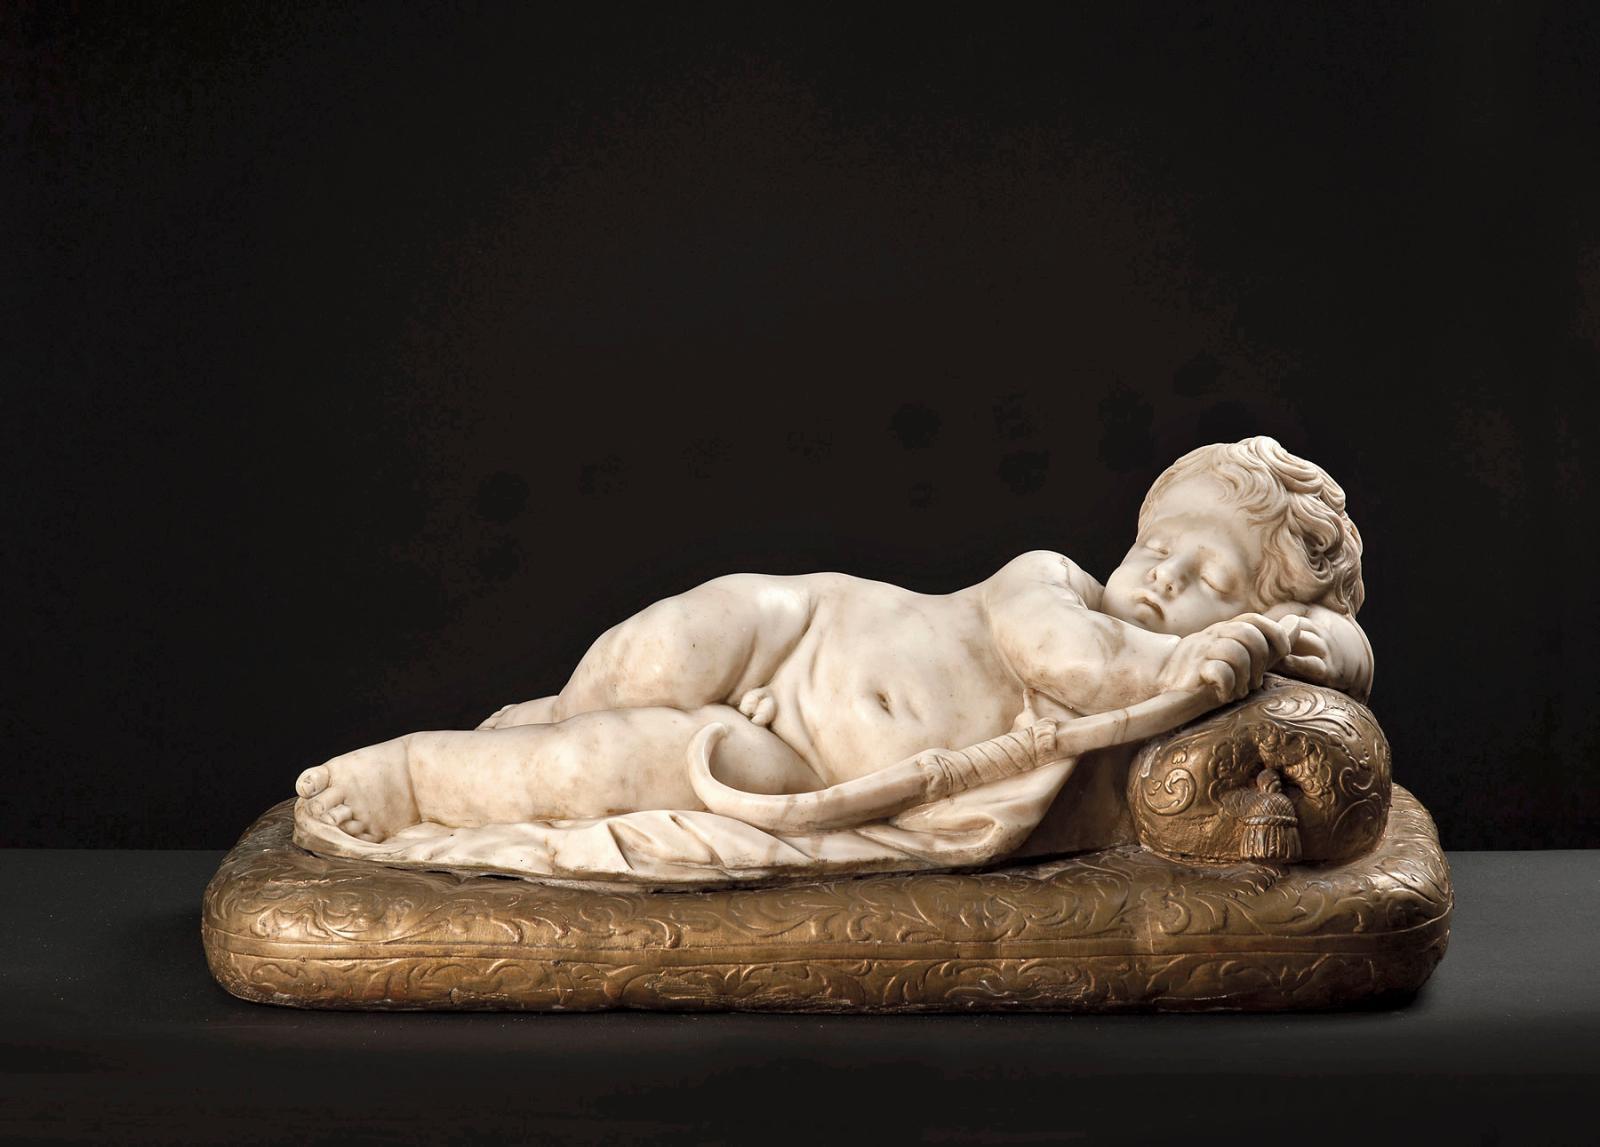 Italie, fin du XVIIe-début du XVIIIe siècle, attribué à Giuseppe Maria Mazza (1653-1741), Amour endormi, marbre sculpté sur une base en bois sculpté e